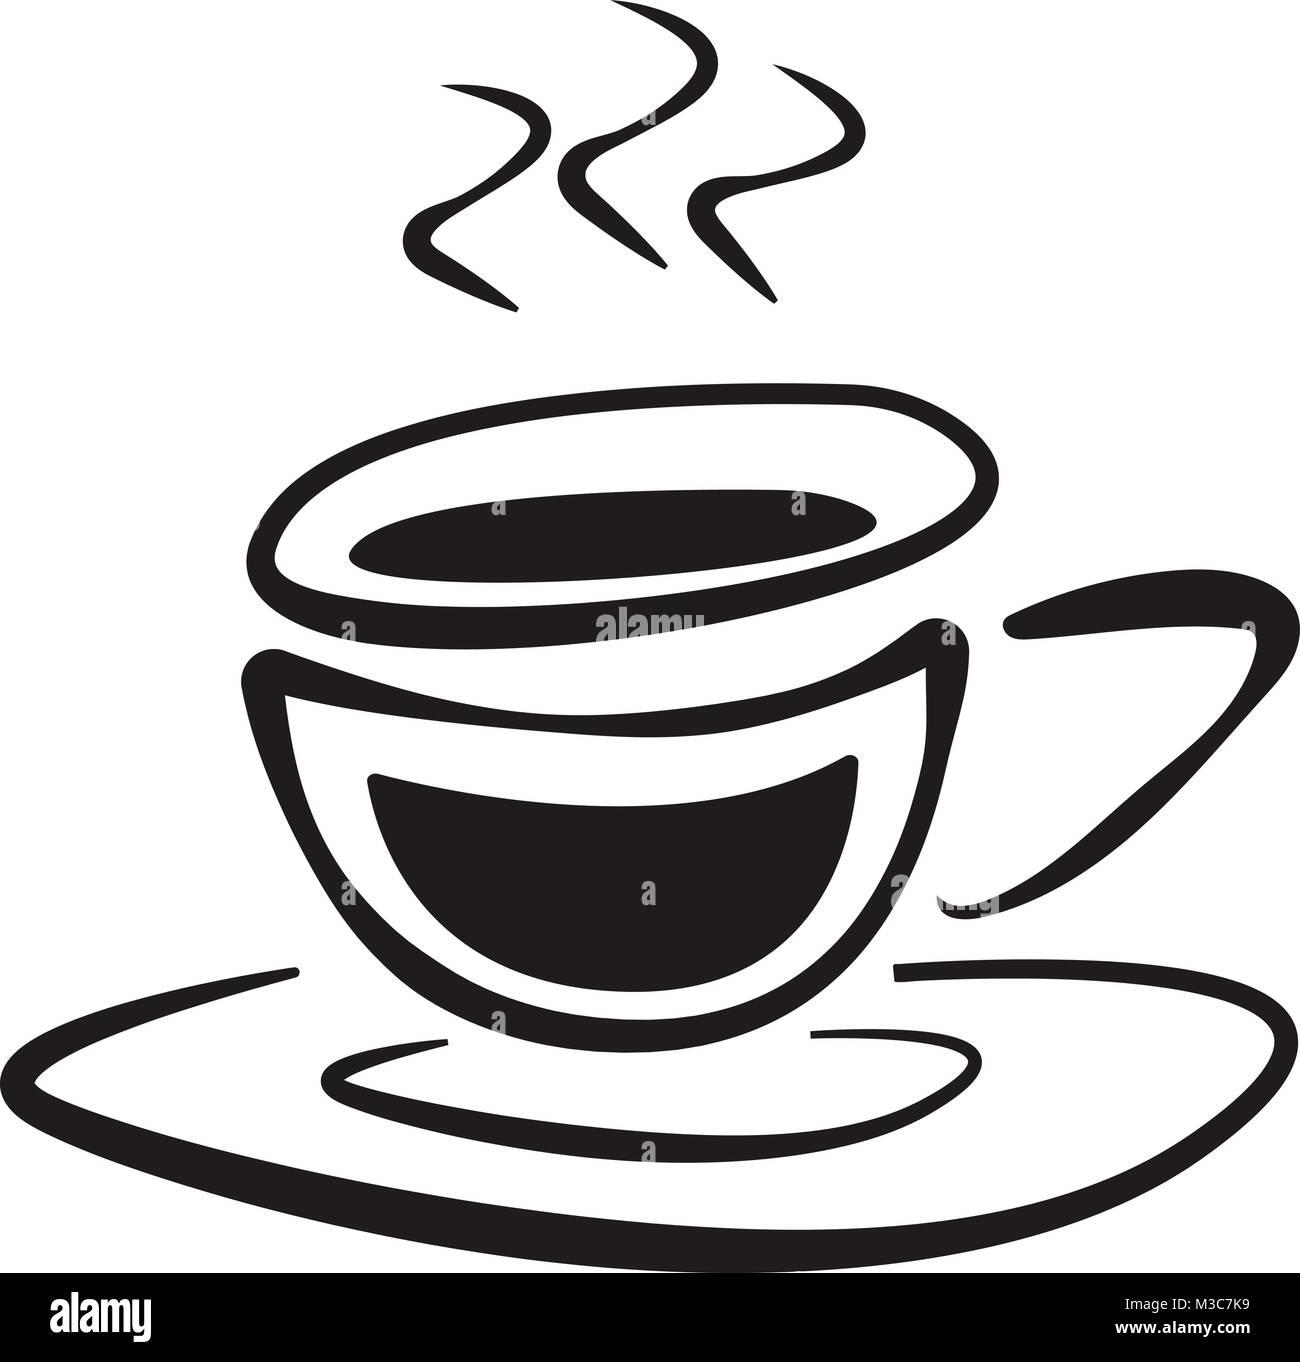 Tazza Di Caffè Con Piattino Doodle Disegno Vettoriale Di Icona